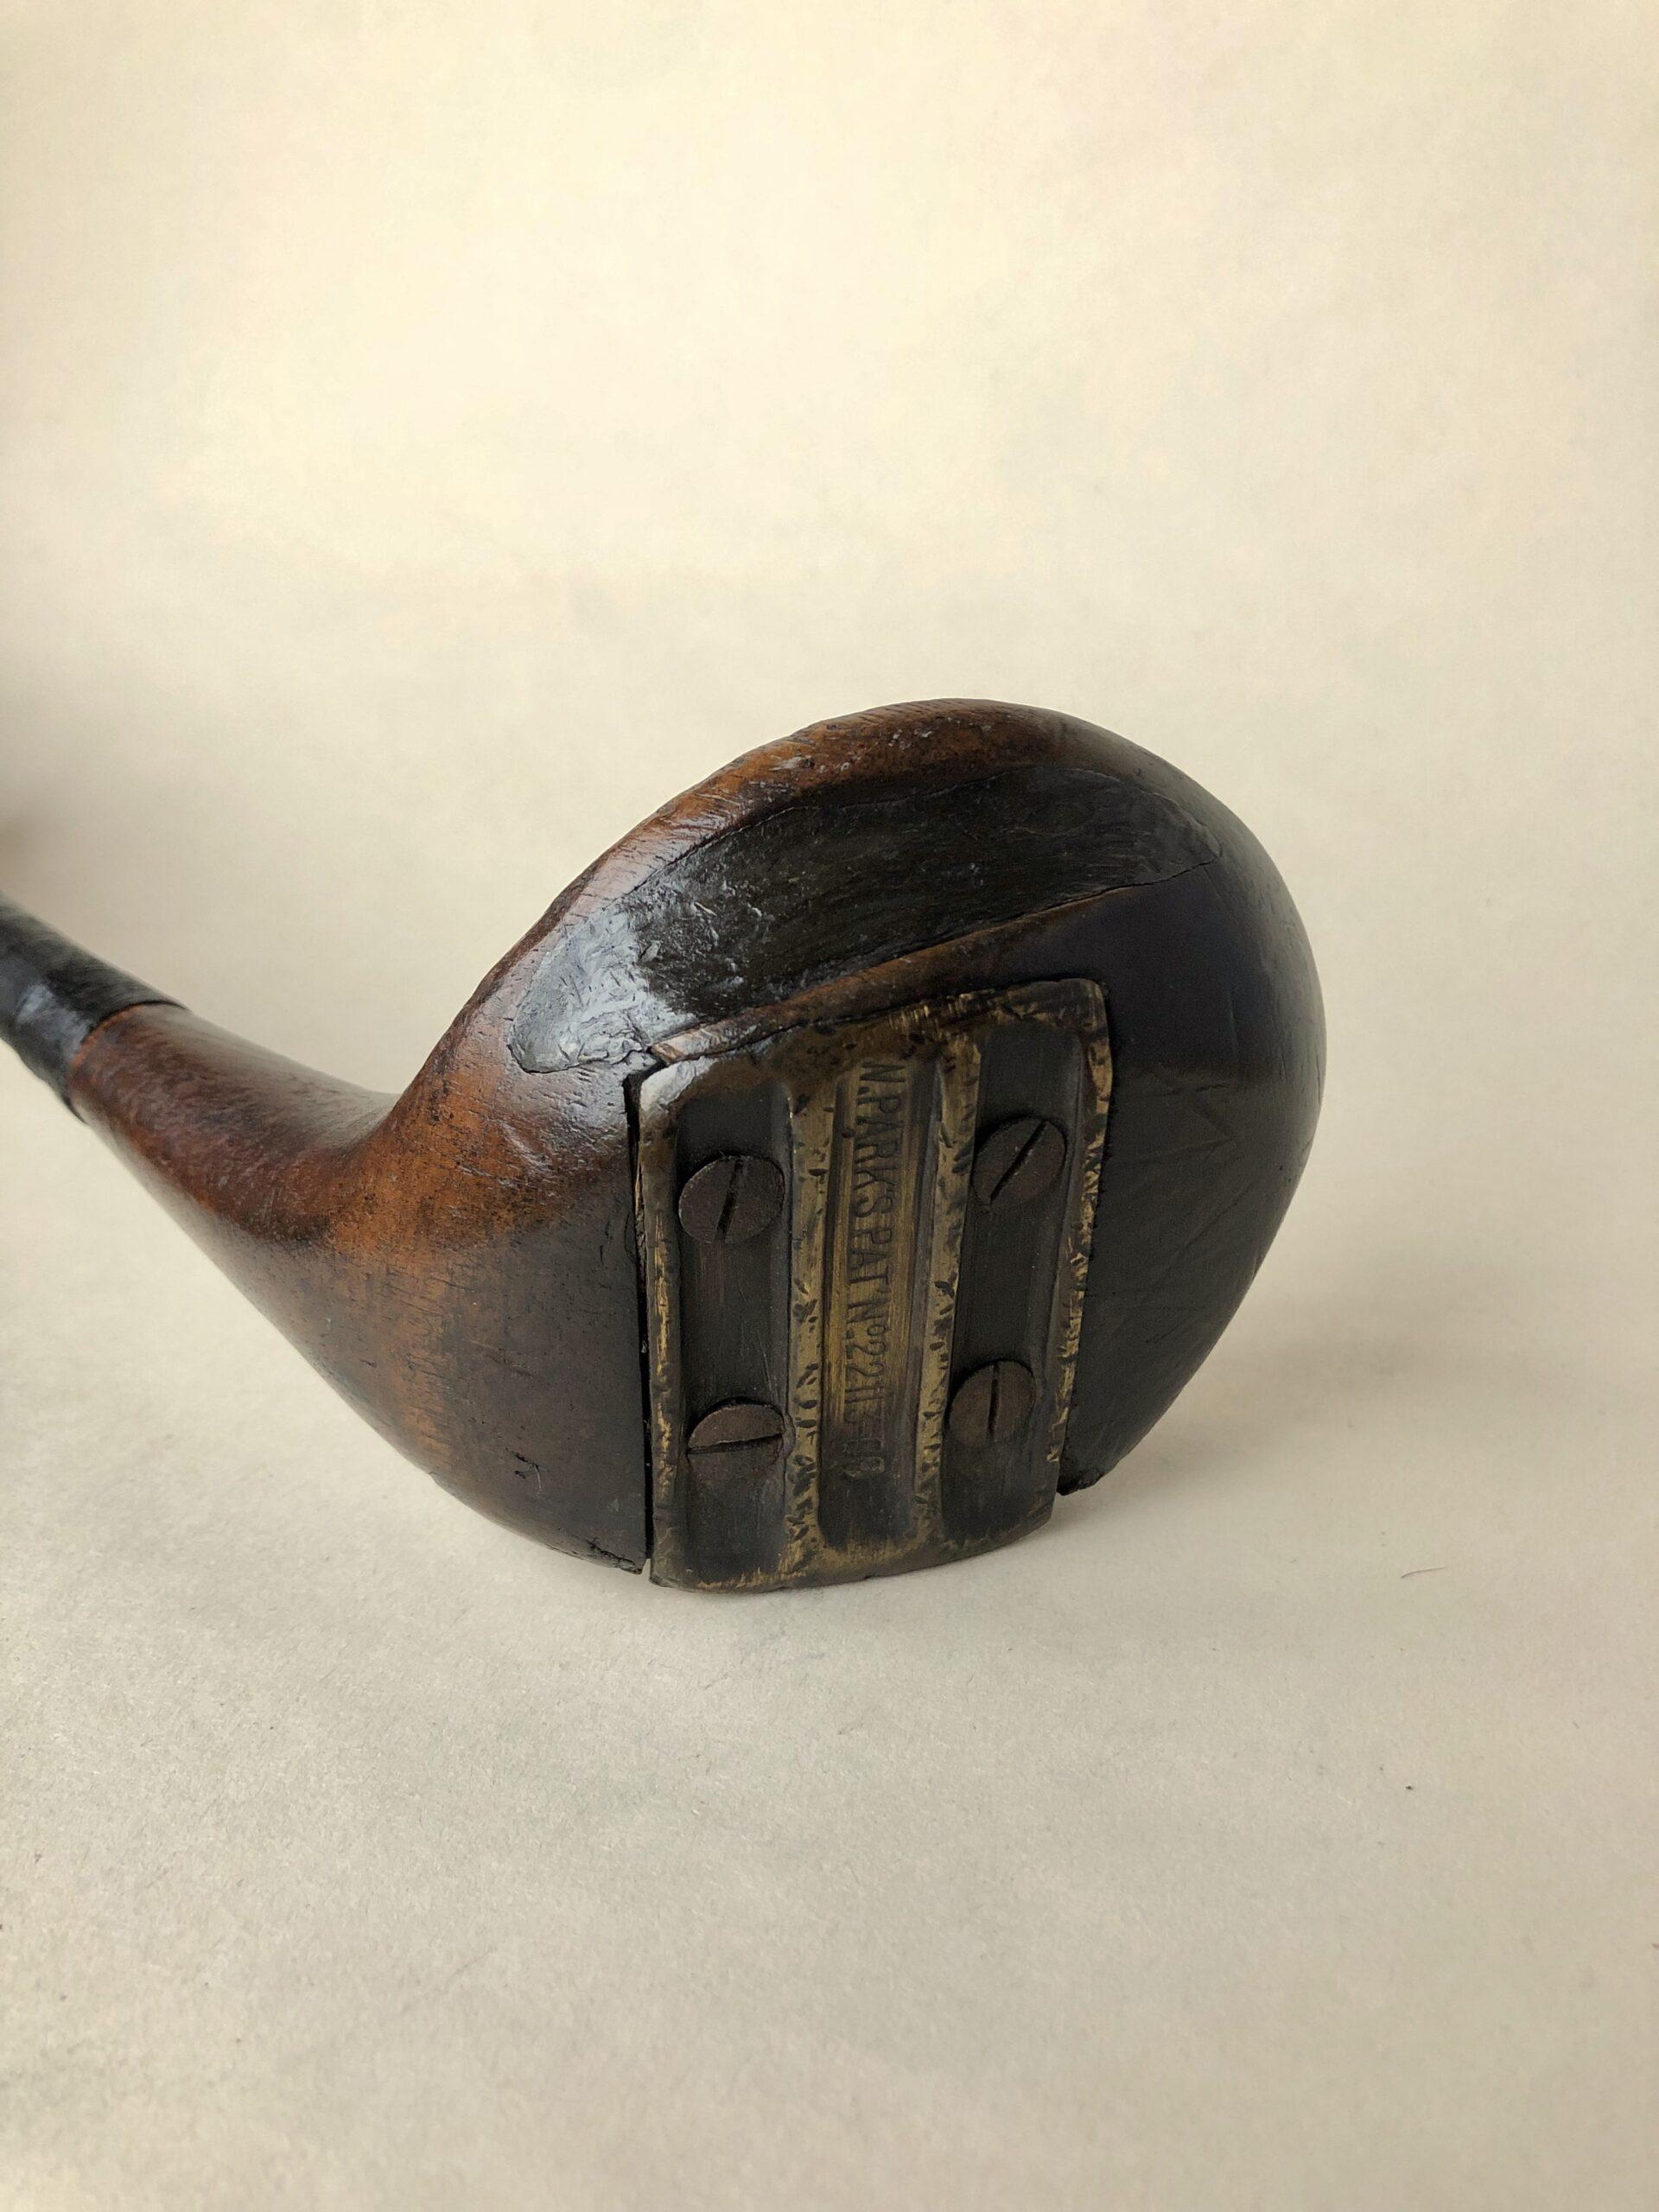 W. Park Jr. Patent 'PikUp' Spoon